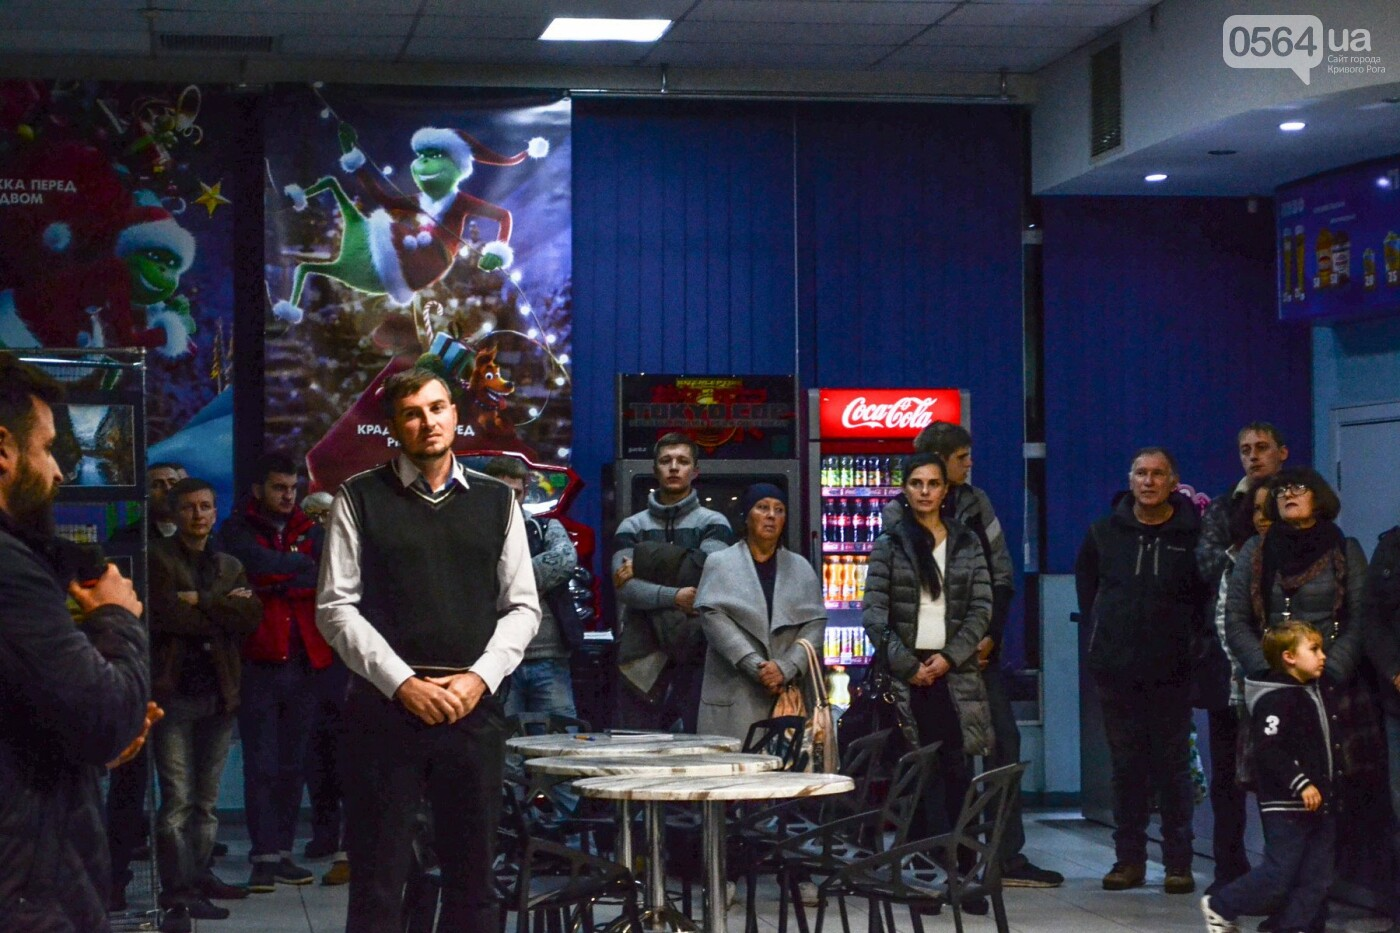 """""""Дорогами Европы"""": в Кривом Роге проходит уникальная фотовыставка ветерана АТО, - ФОТО, ВИДЕО, фото-5"""